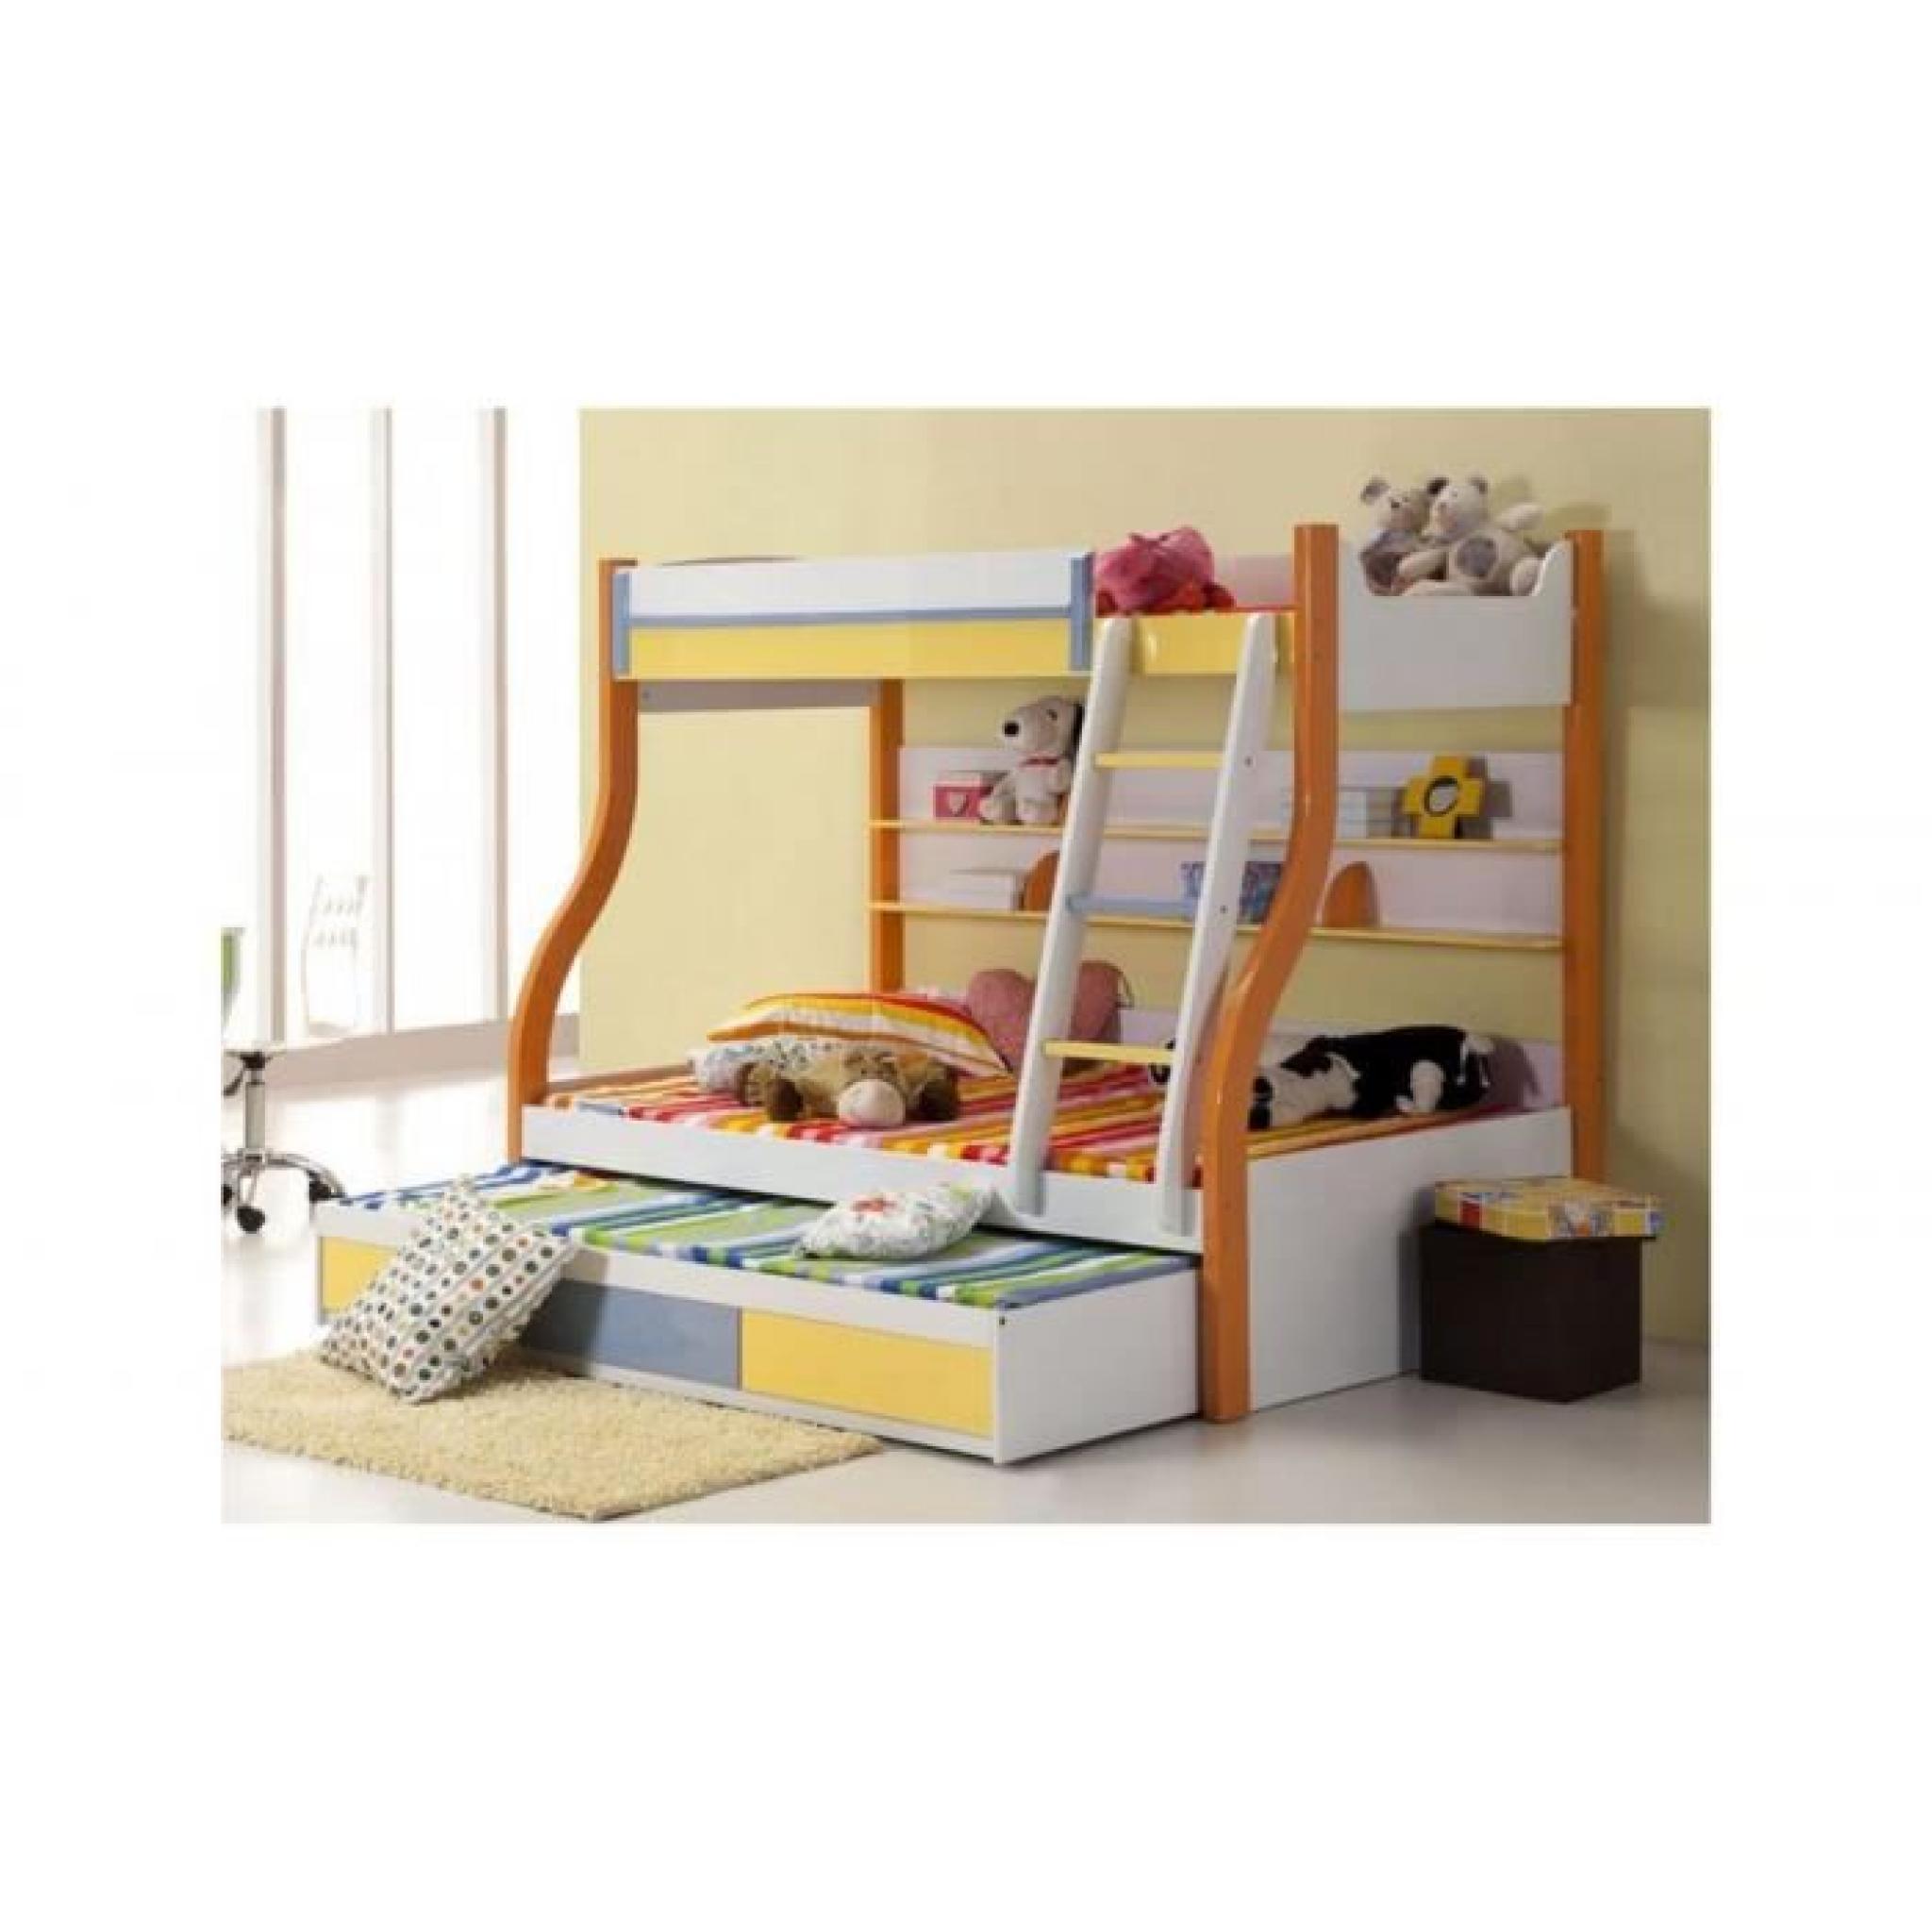 justhome trio lit superpos multicolore achat vente lit superpose pas cher couleur et. Black Bedroom Furniture Sets. Home Design Ideas